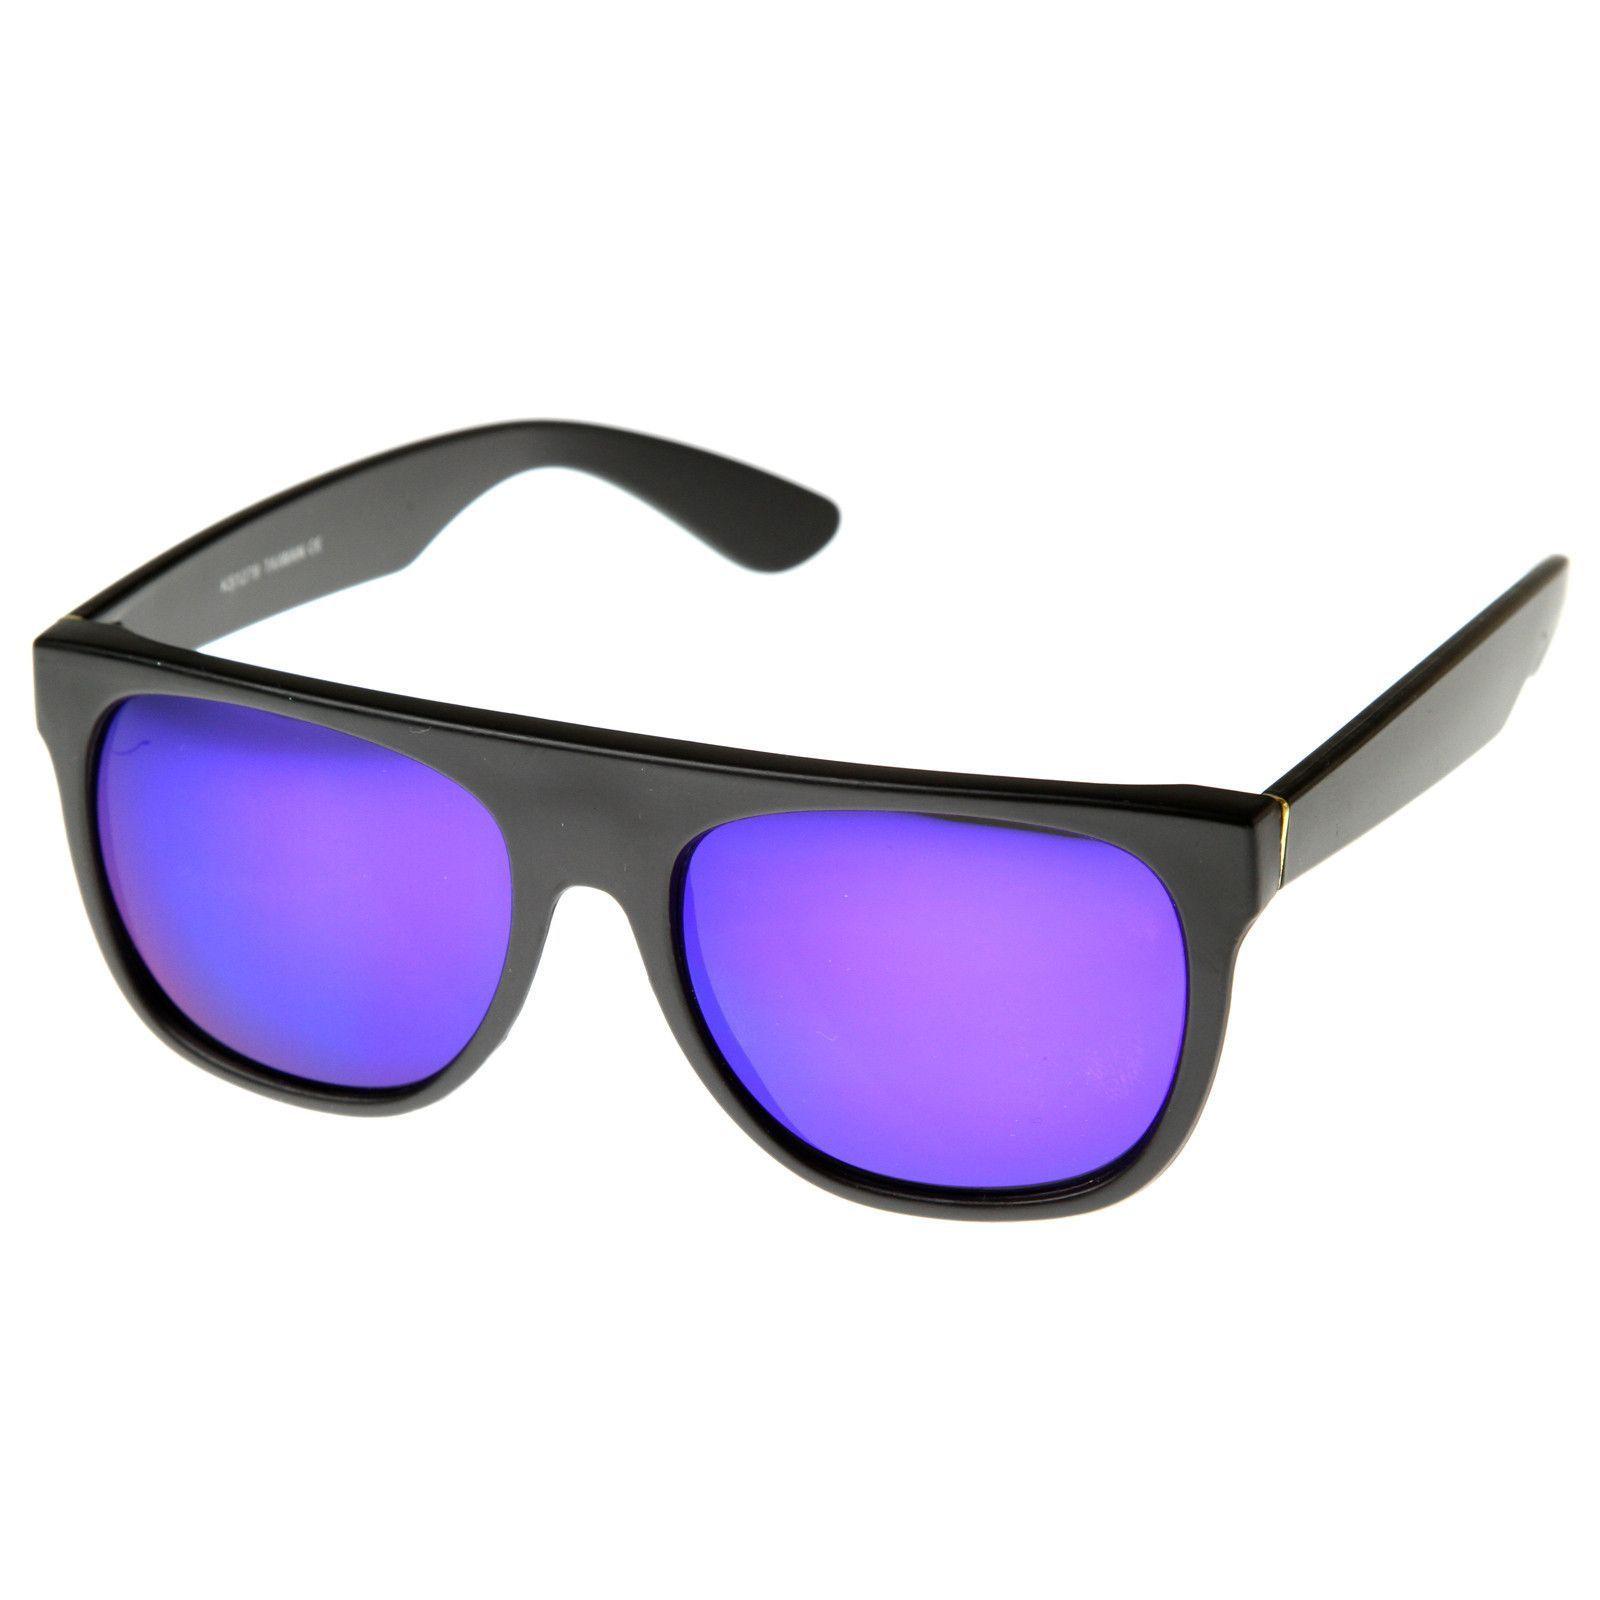 8d9fdc67c7 Celebrity Kid Cudi Super Flat Top Revo Mirrored Lens Sunglasses 8090 ...